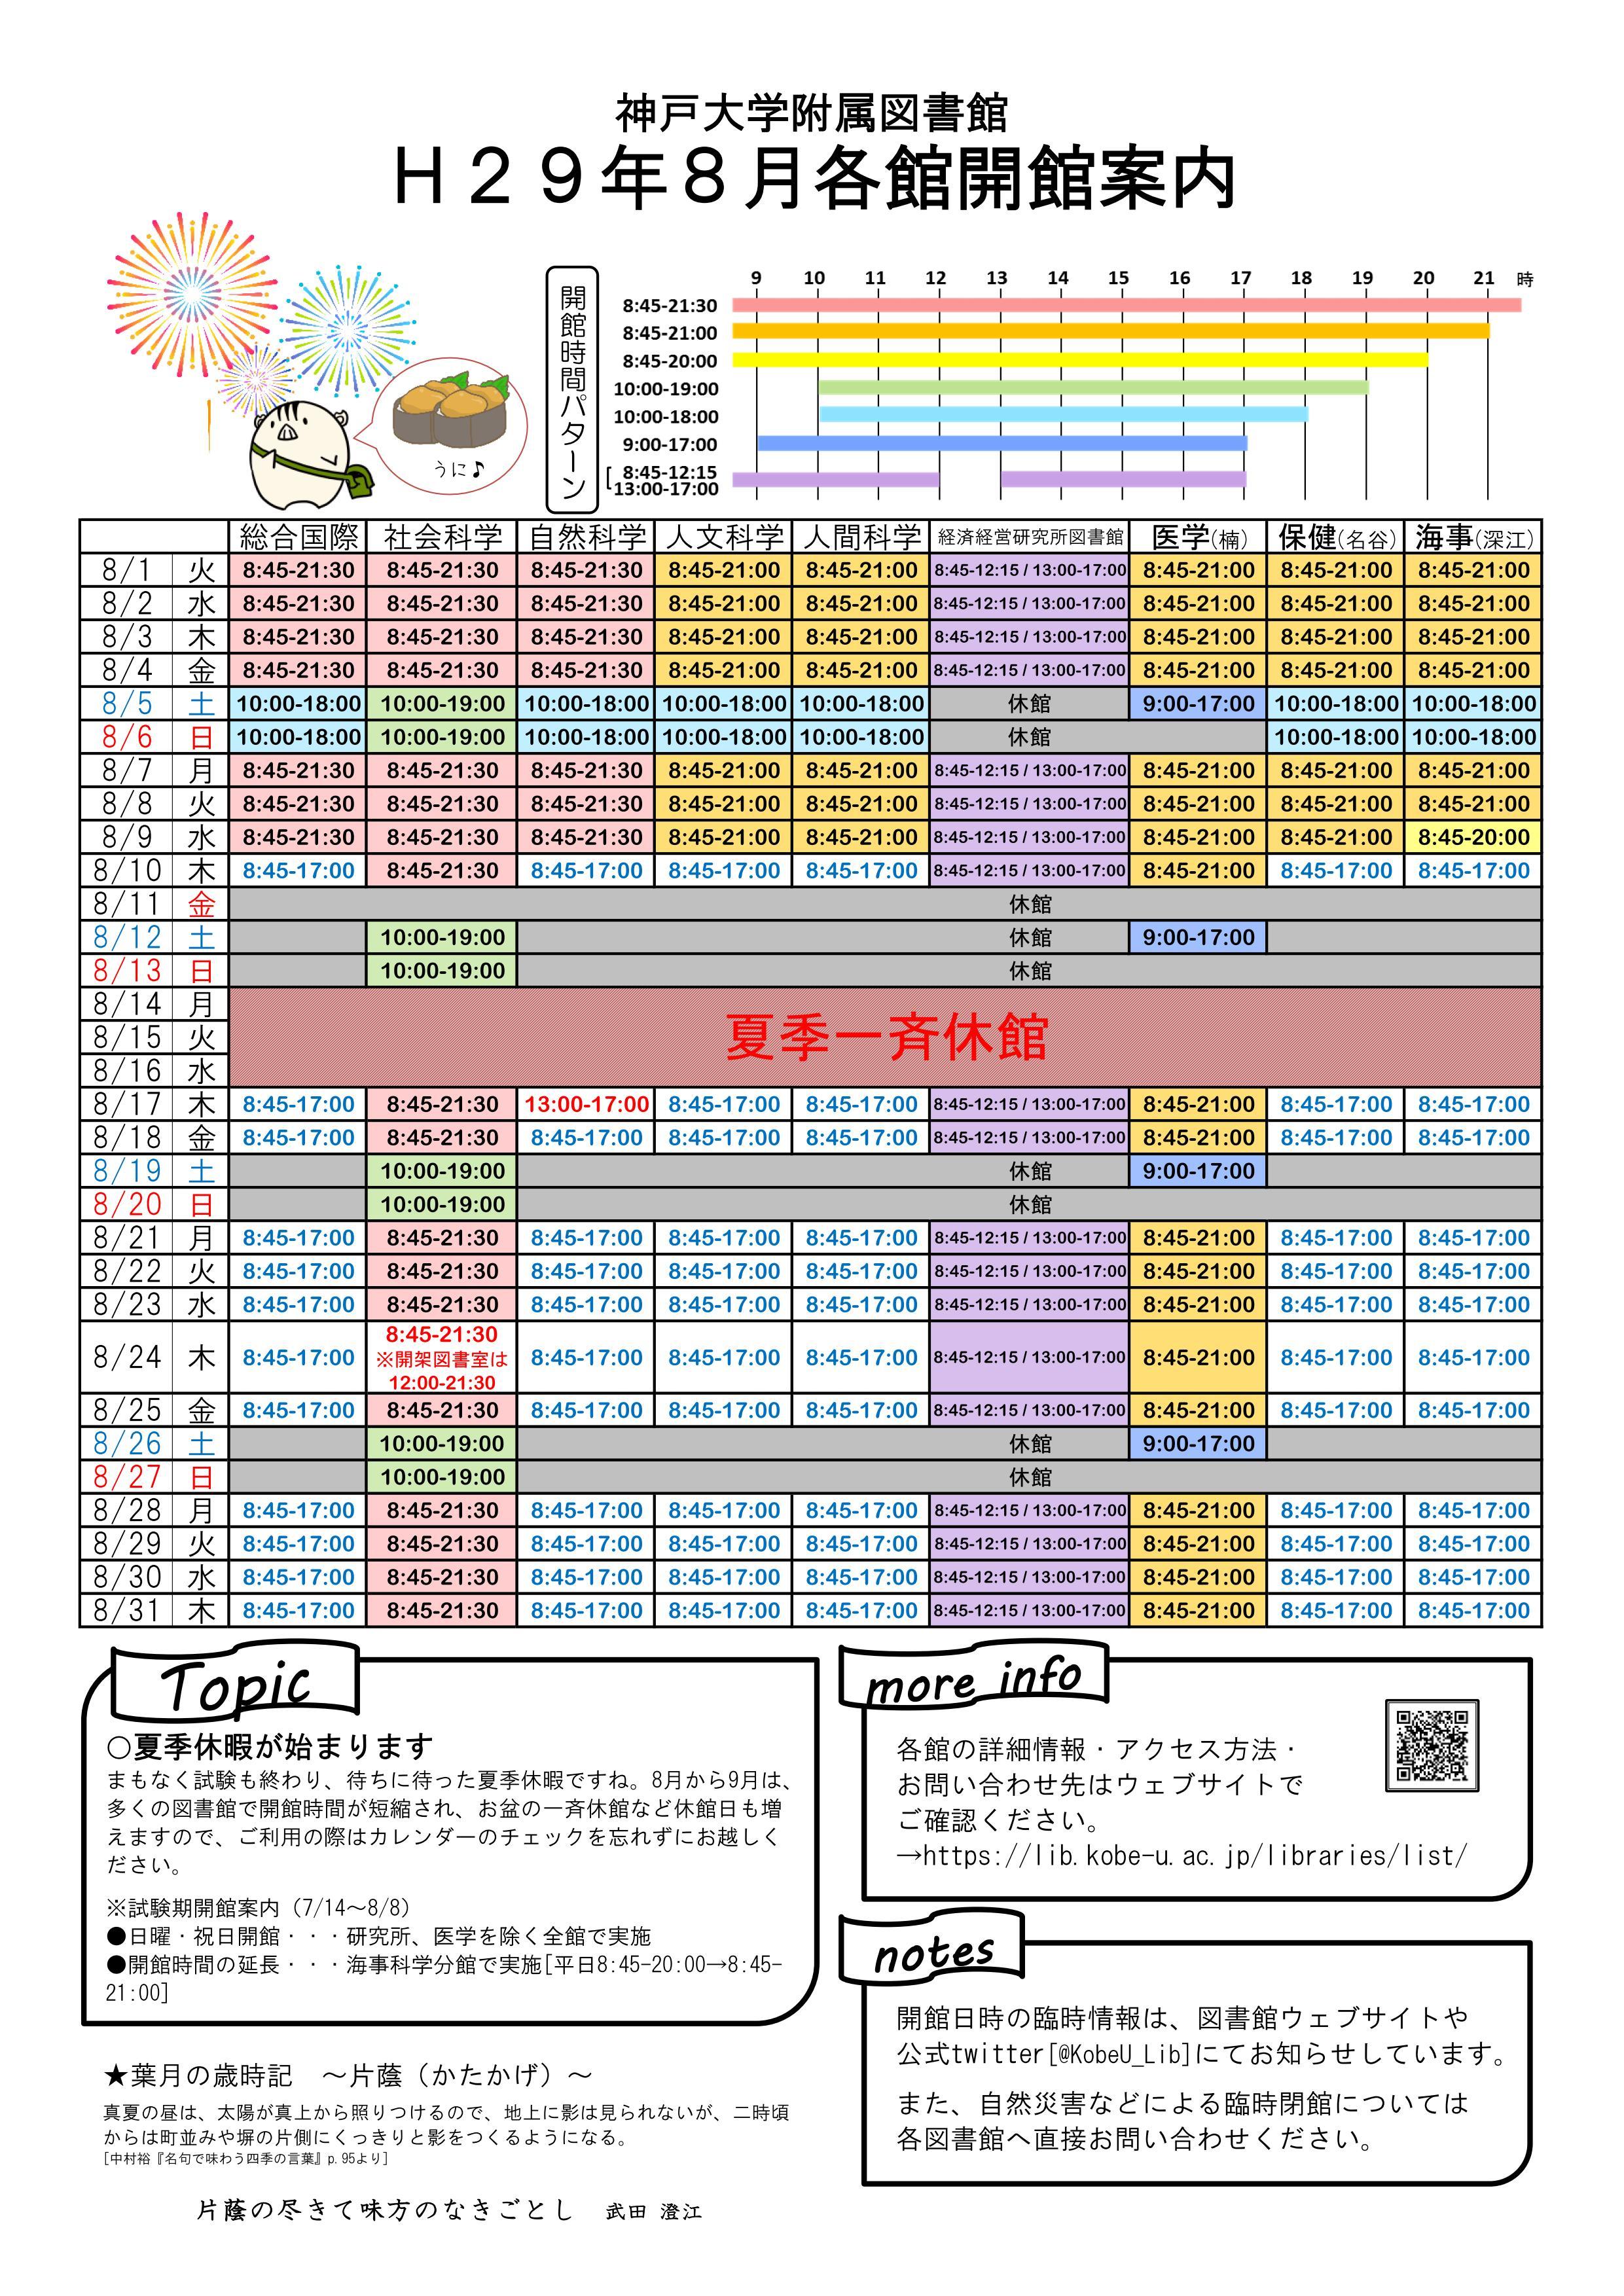 平成29年8月図書館各館開館案内カレンダー